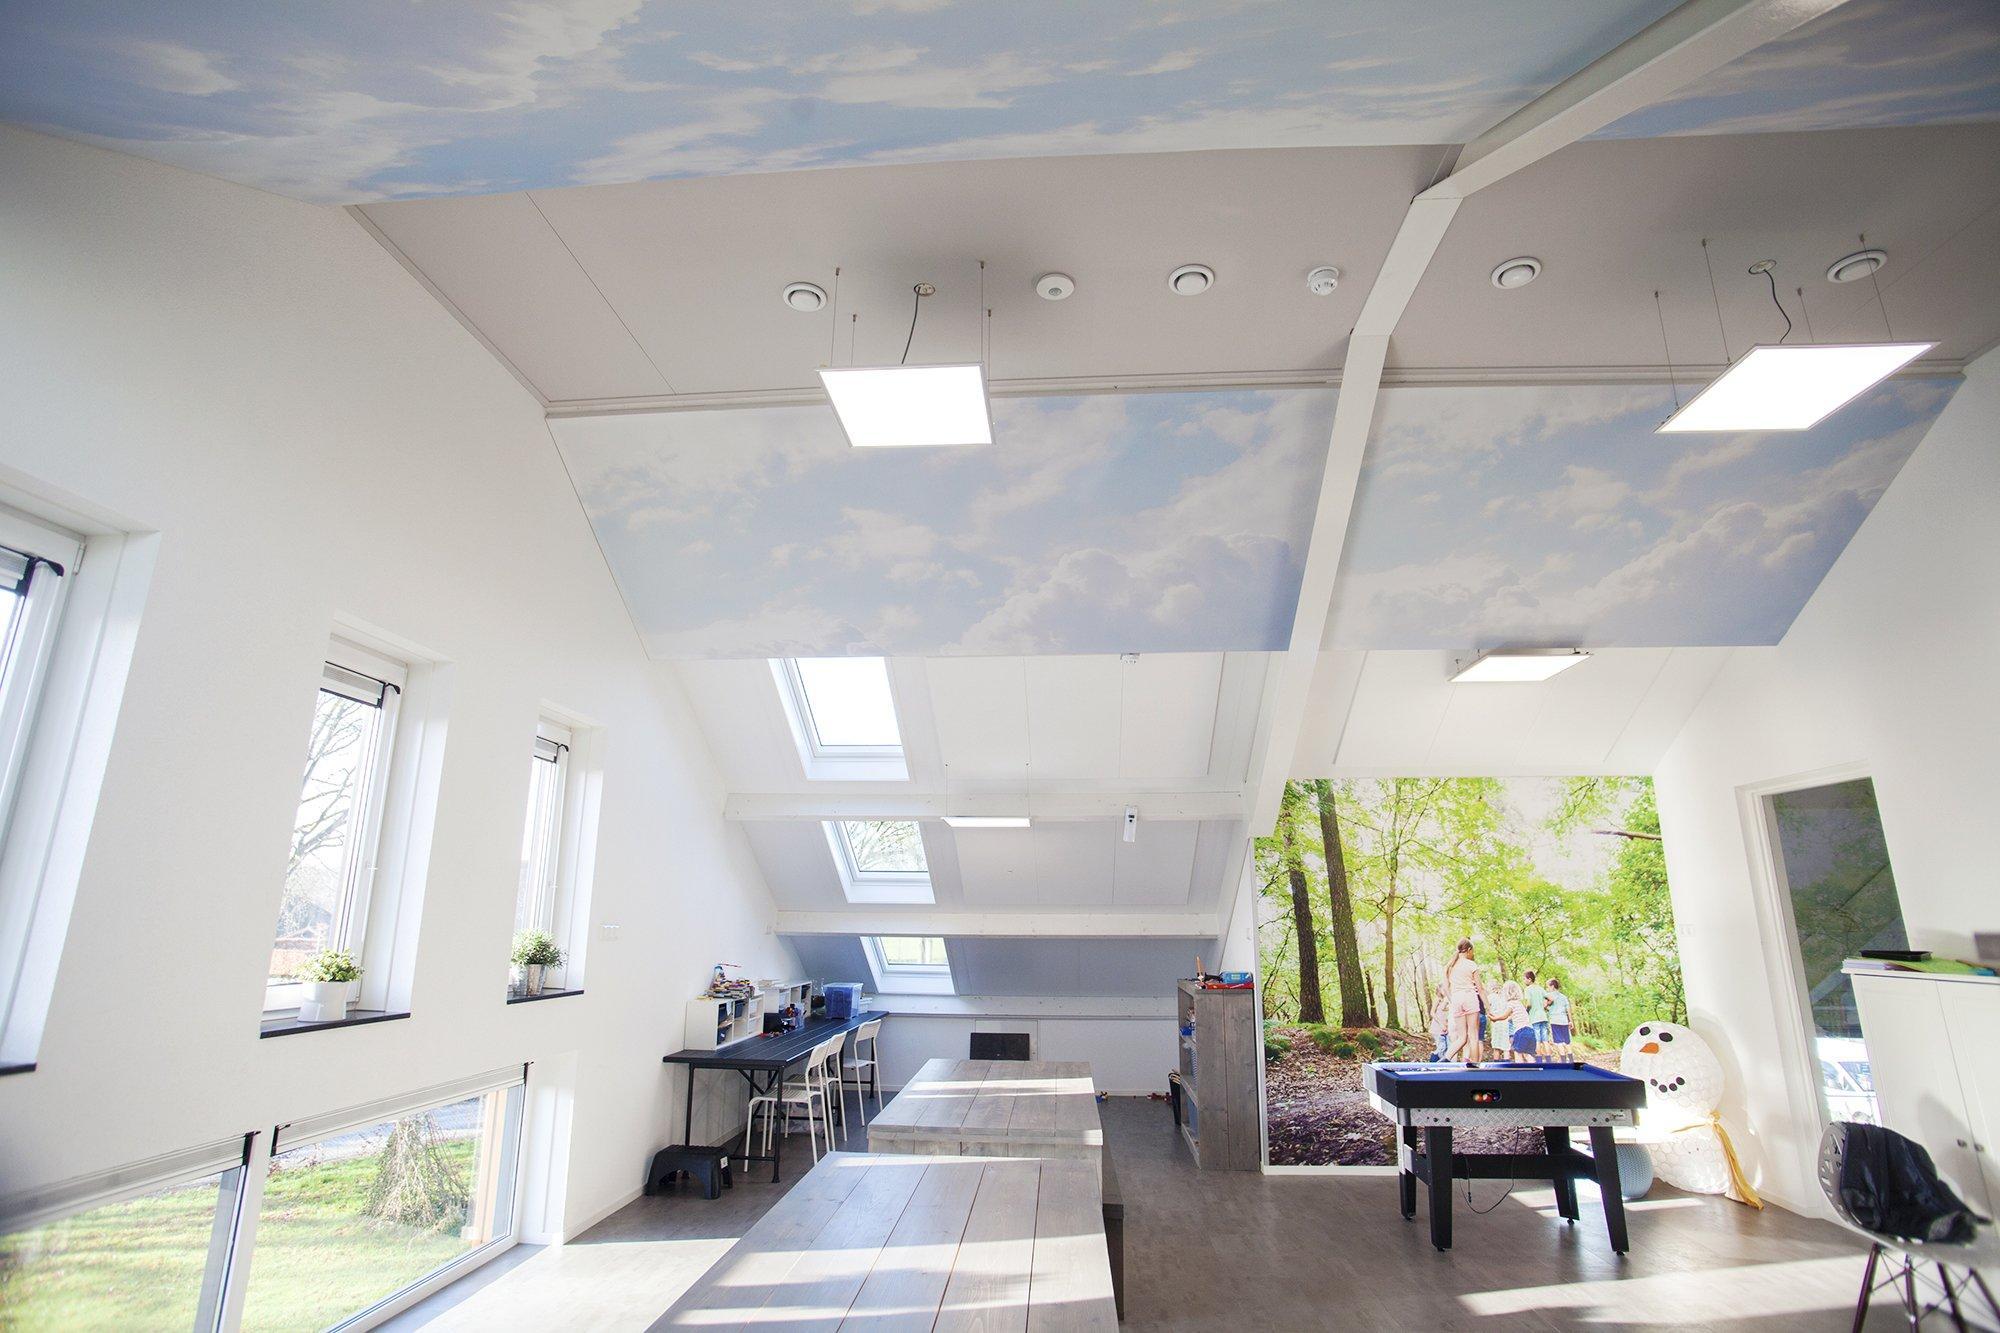 Geluidsabsorberend  plafond in een Kinderdagverblijf